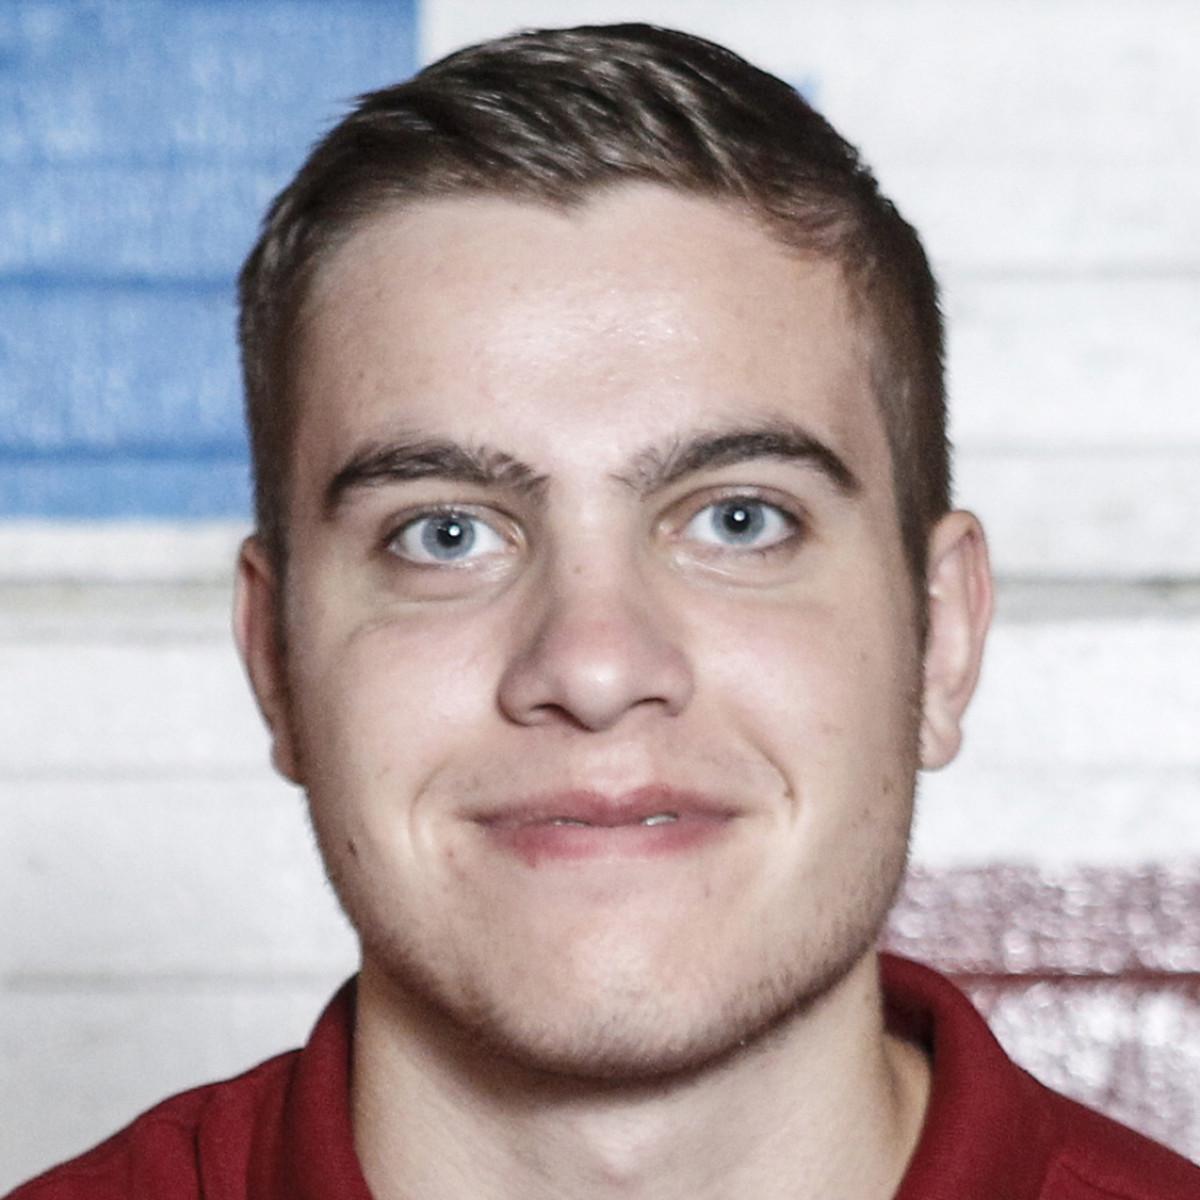 Marko Dosen